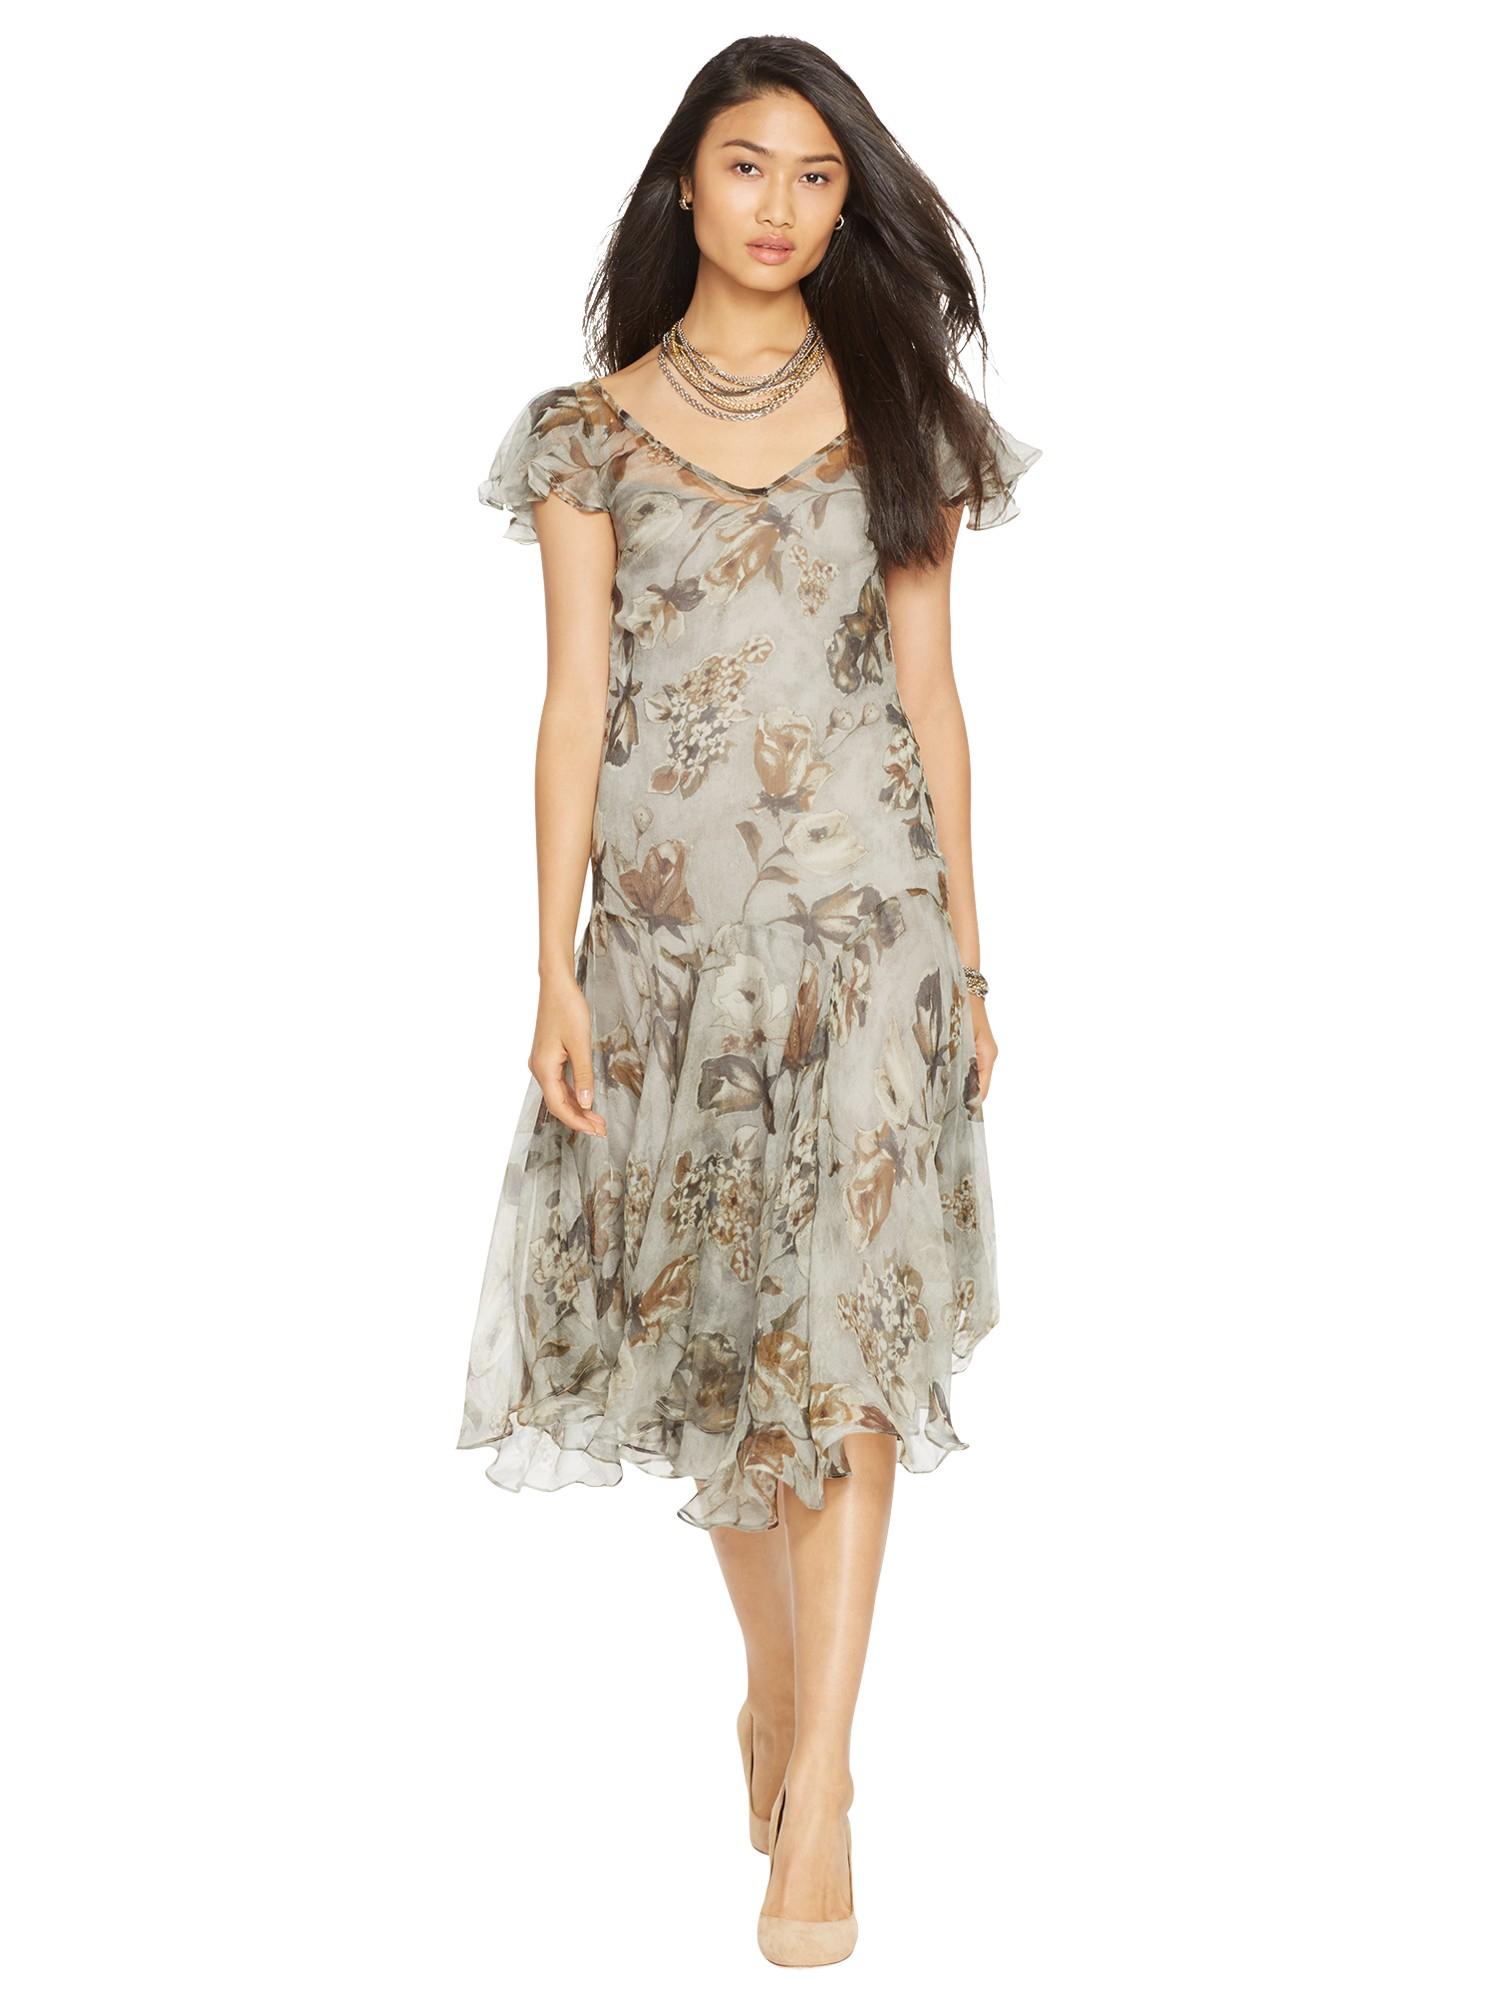 b574c2cc48943 Lauren by Ralph Lauren Bolanie Dress in Metallic - Lyst